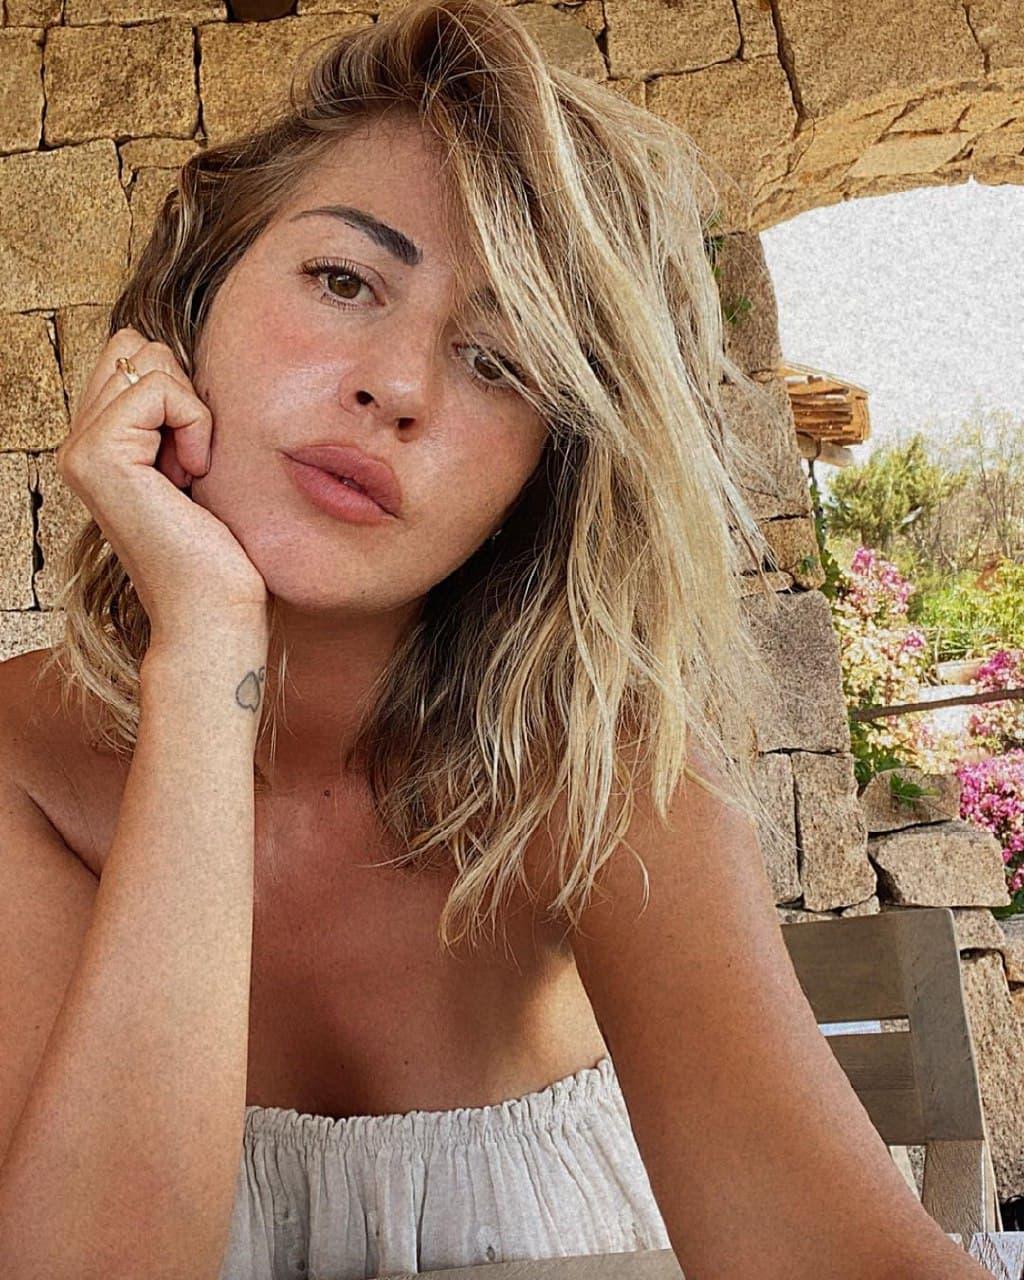 Роберта Синополи – жена Клаудио Маркизио. Пост о естественной красоте без вульгарных фото